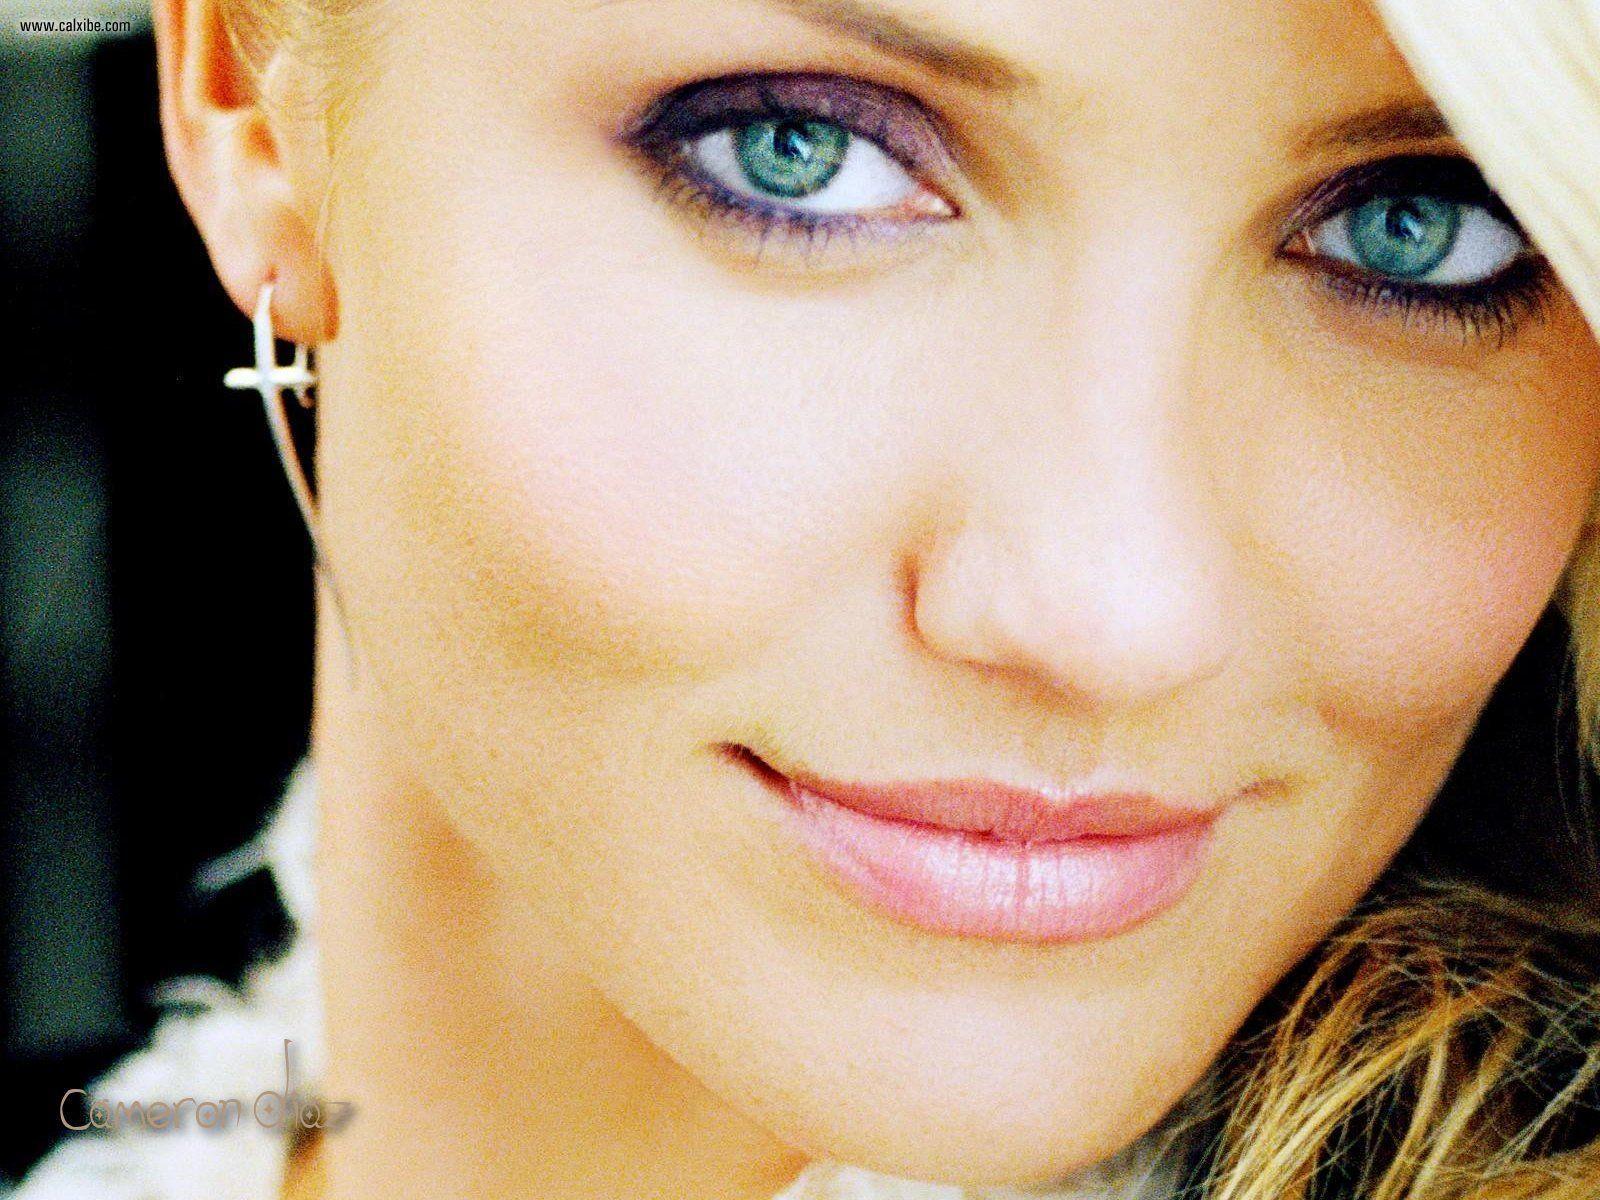 http://4.bp.blogspot.com/-95d1q9fsJYw/TqCA9tPnuiI/AAAAAAAAAfM/0M6piQEGEw0/s1600/Cameron_Diaz_HD_Wallpaper_blue_eyes.jpg